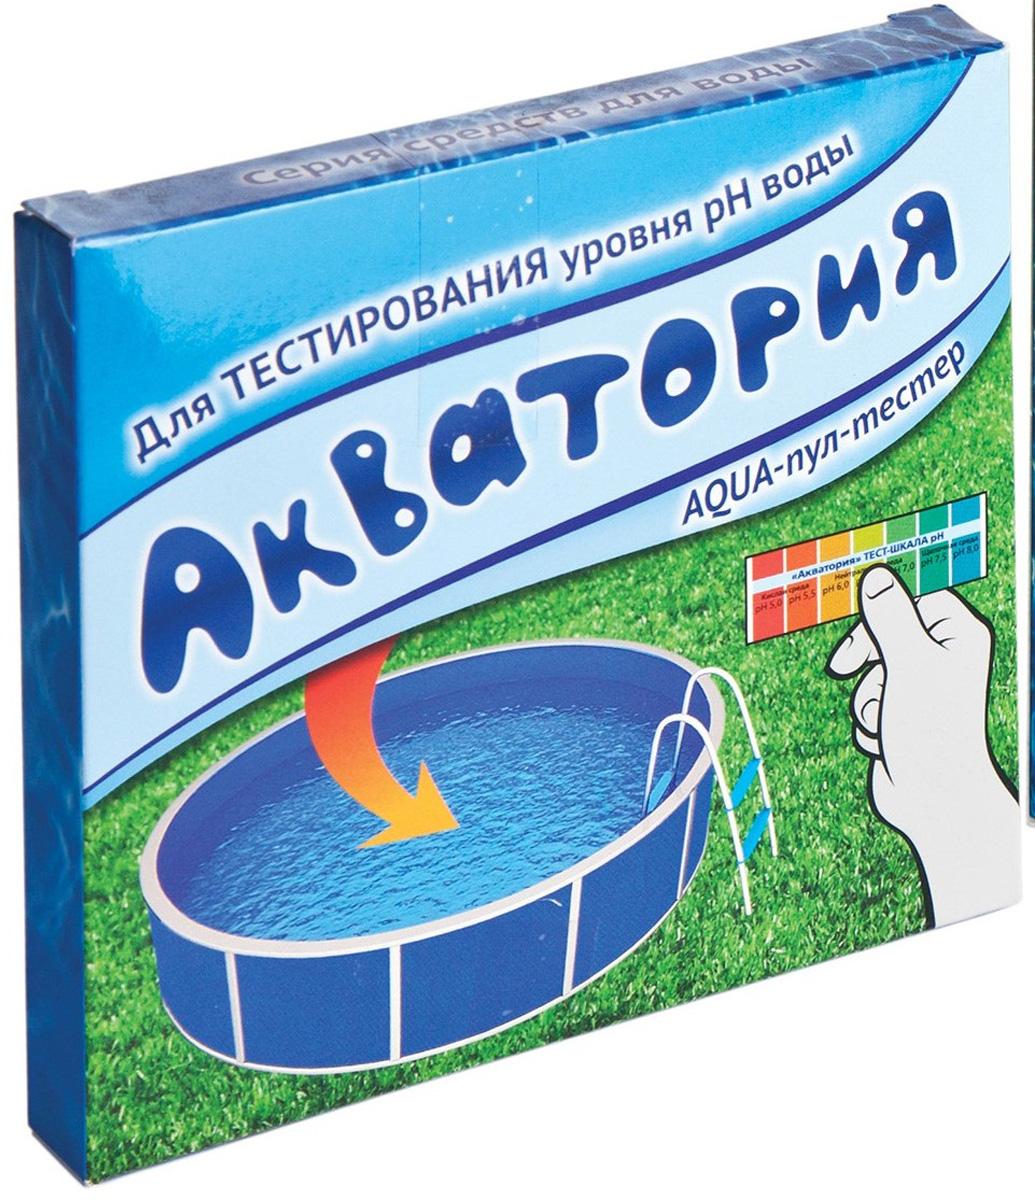 Индикаторная жидкость для определения рН воды Акватория Аква-пул-тестер, в ампулах, для 5 анализов цена